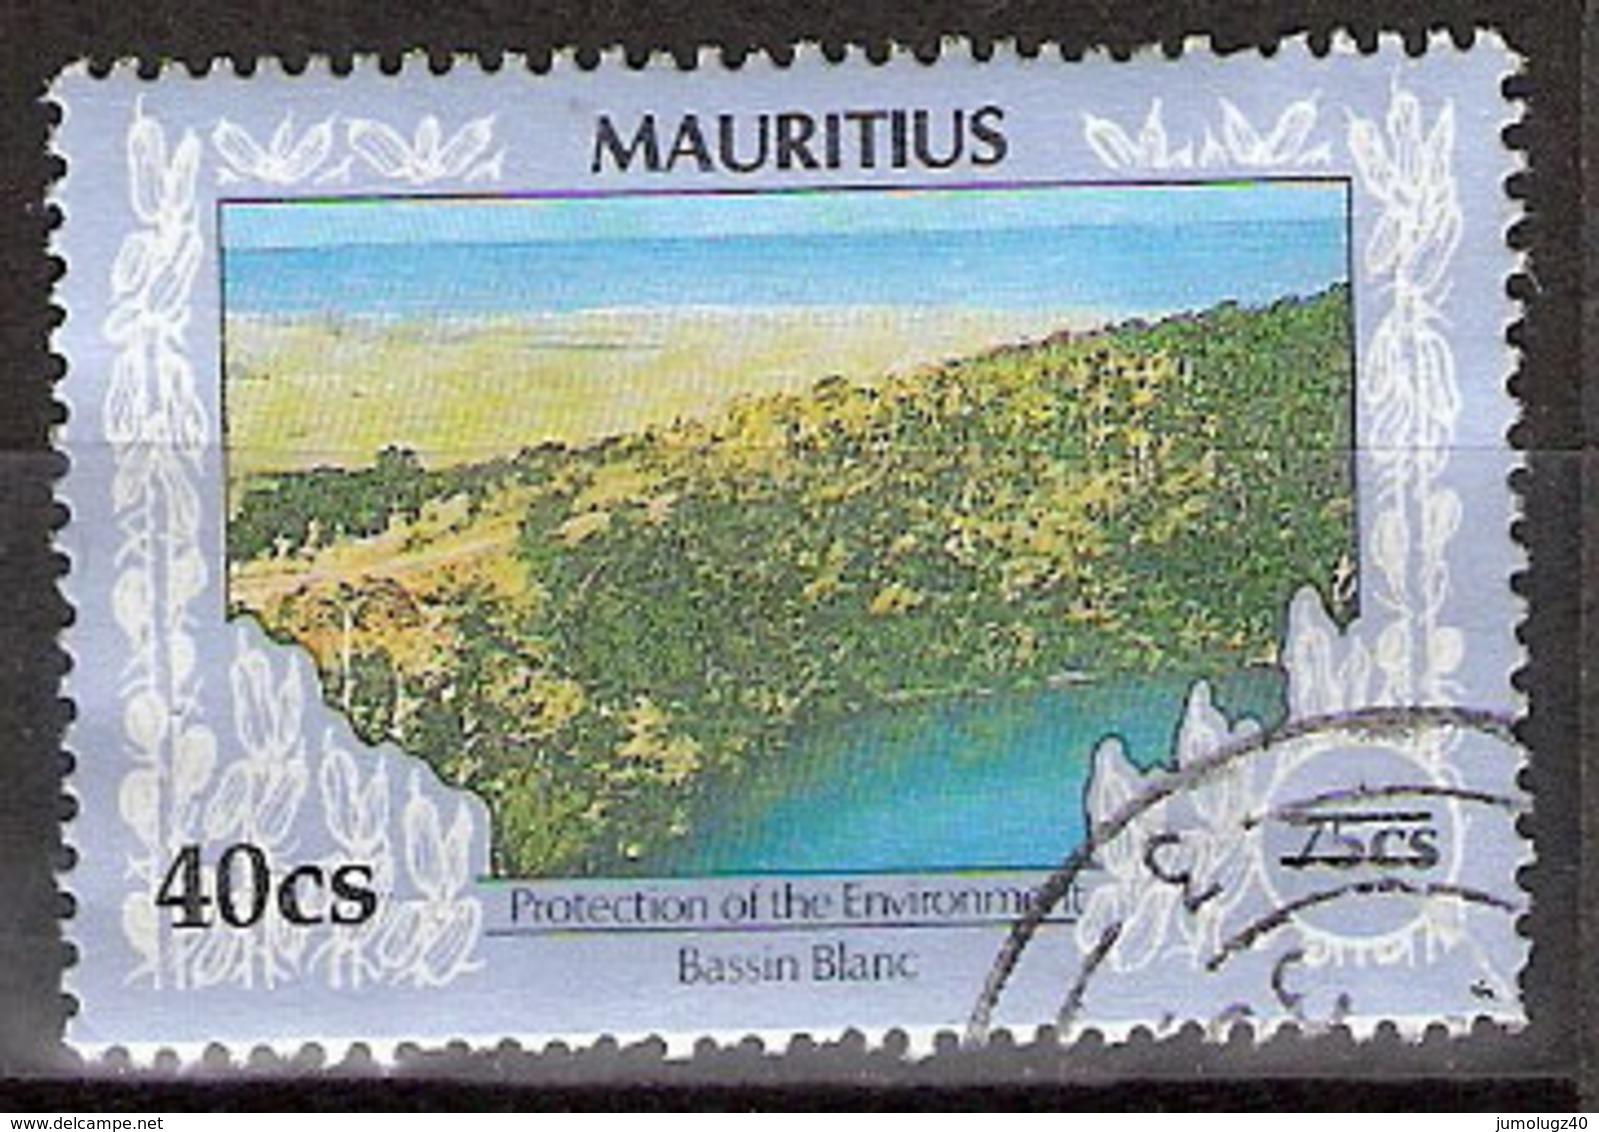 Timbre Maurice 1991 Y&T N°761 ? (08) Oblitéré. Bassin Blanc. 40Cs Sur 75Cs. Cote ??? € - Maurice (1968-...)